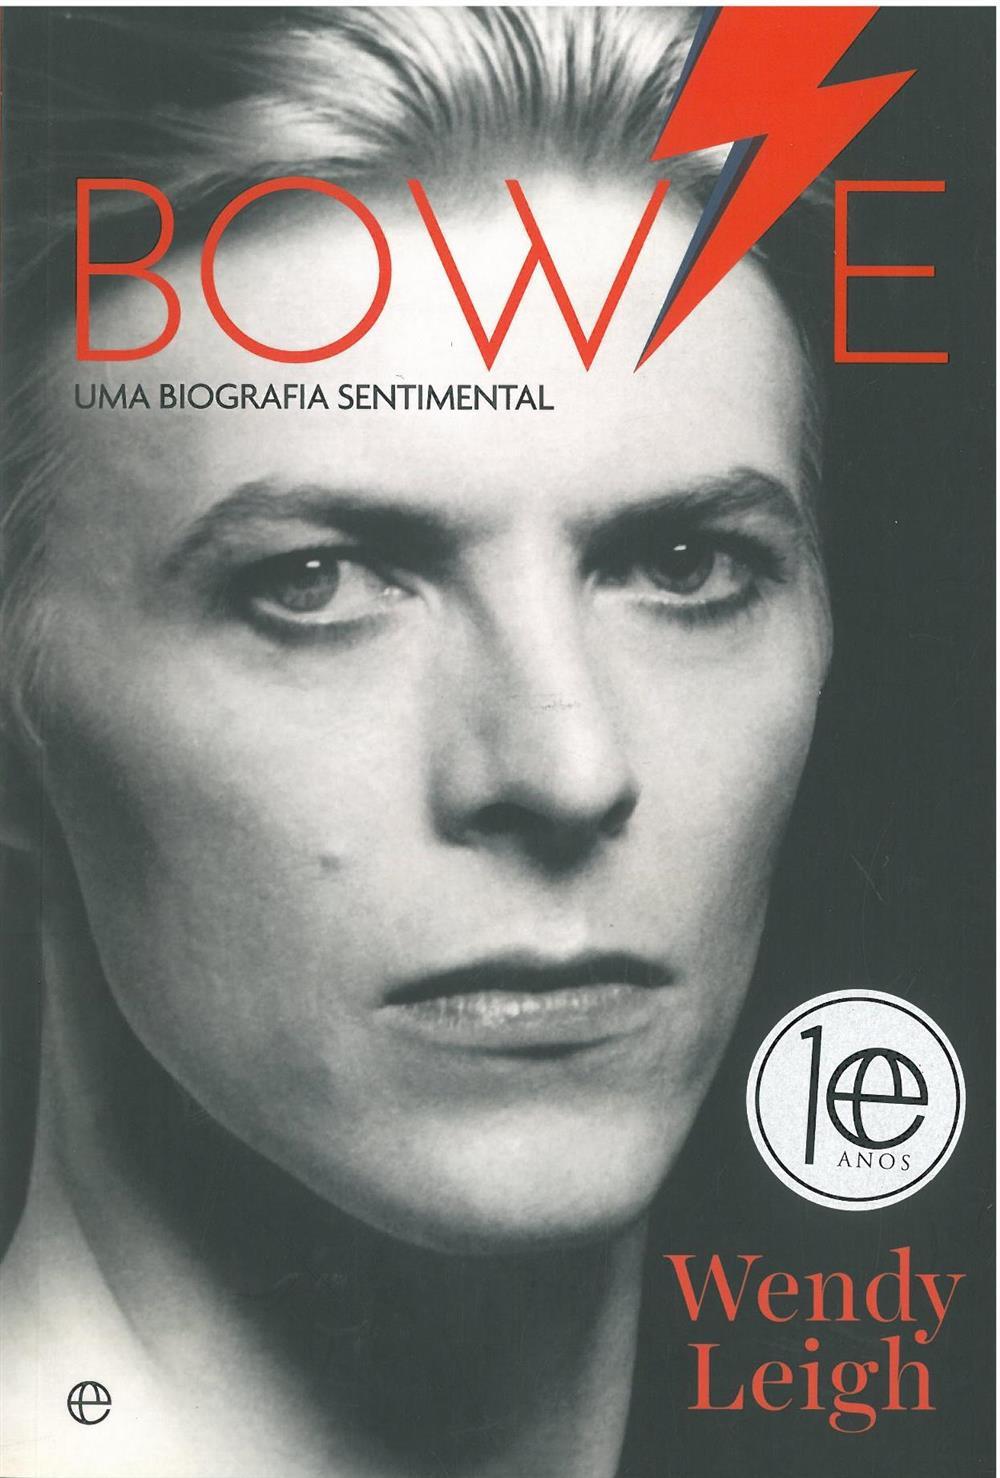 Bowie_uma biografia sentimental.jpg